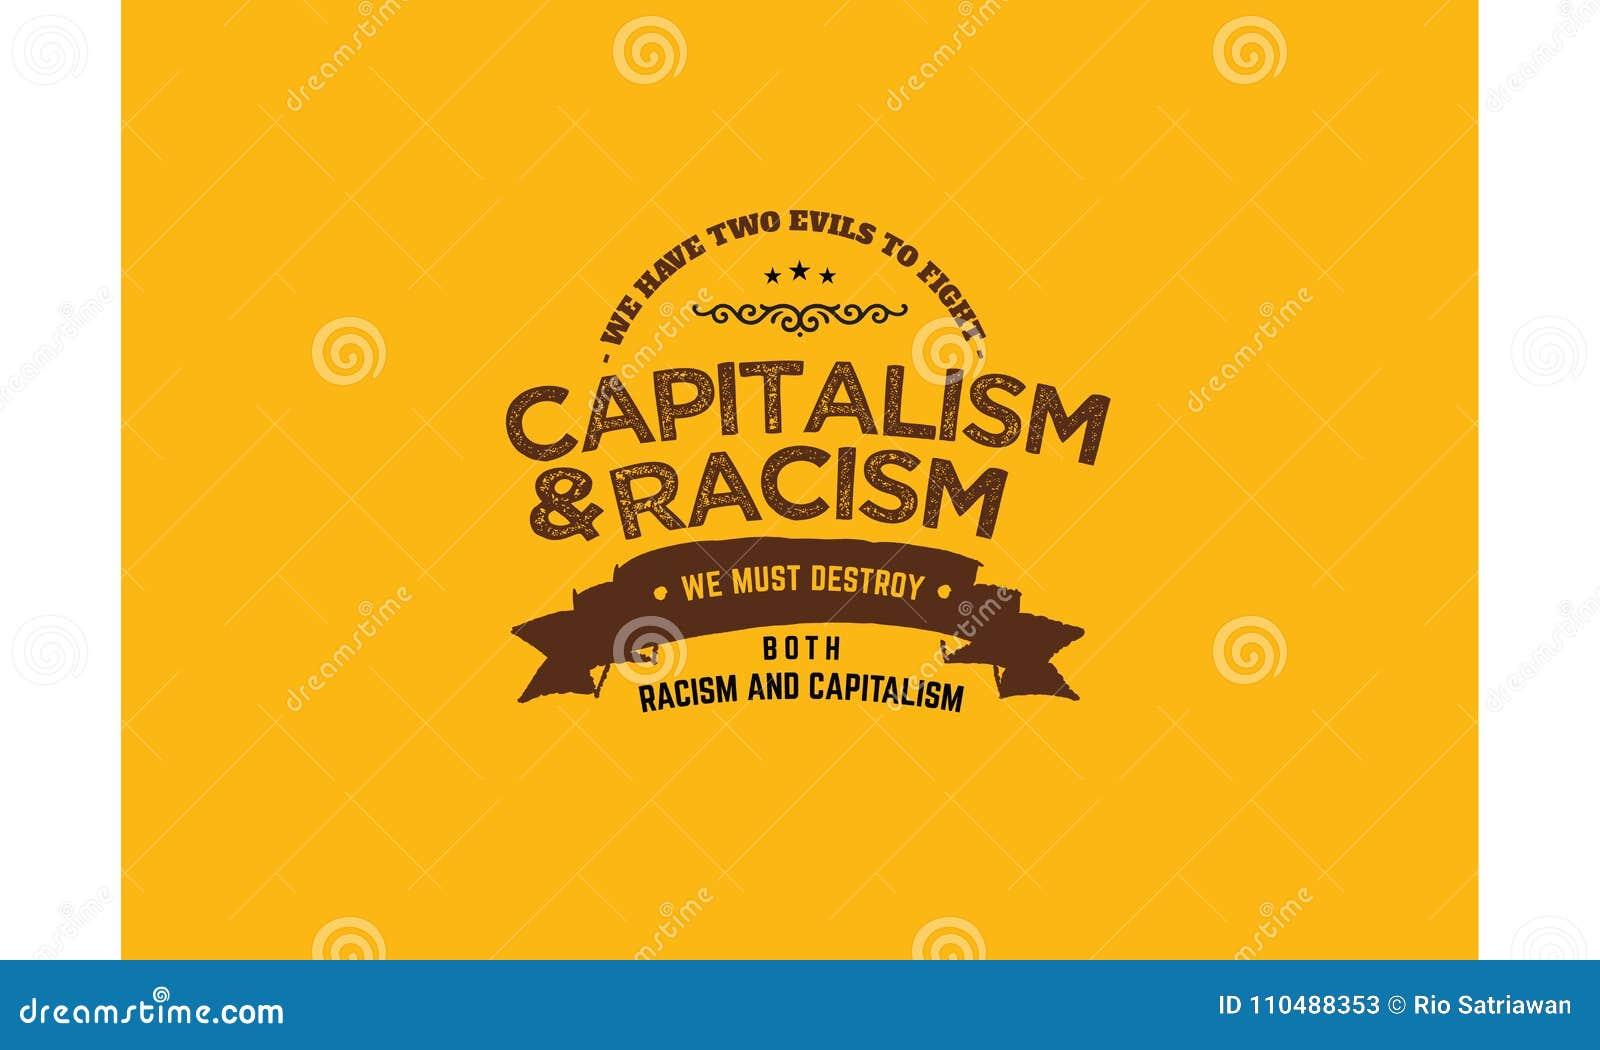 Vi har två ondskor som slåss kapitalism och rasism som vi måste förstöra både rasism och kapitalism